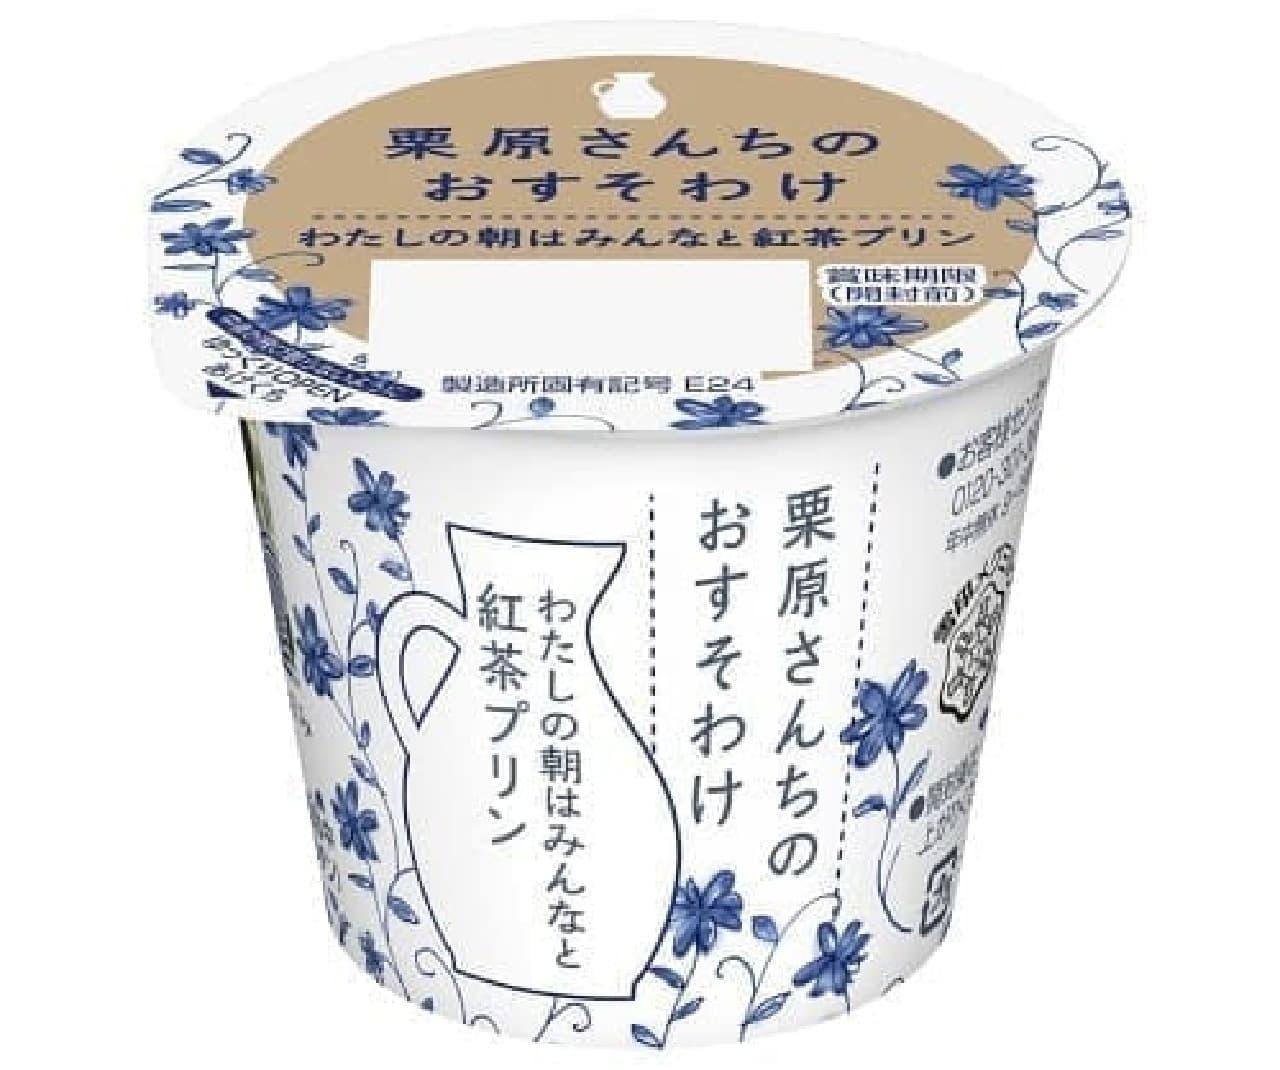 雪印メグミルク「栗原さんちのおすそわけ わたしの朝はみんなと紅茶プリン」